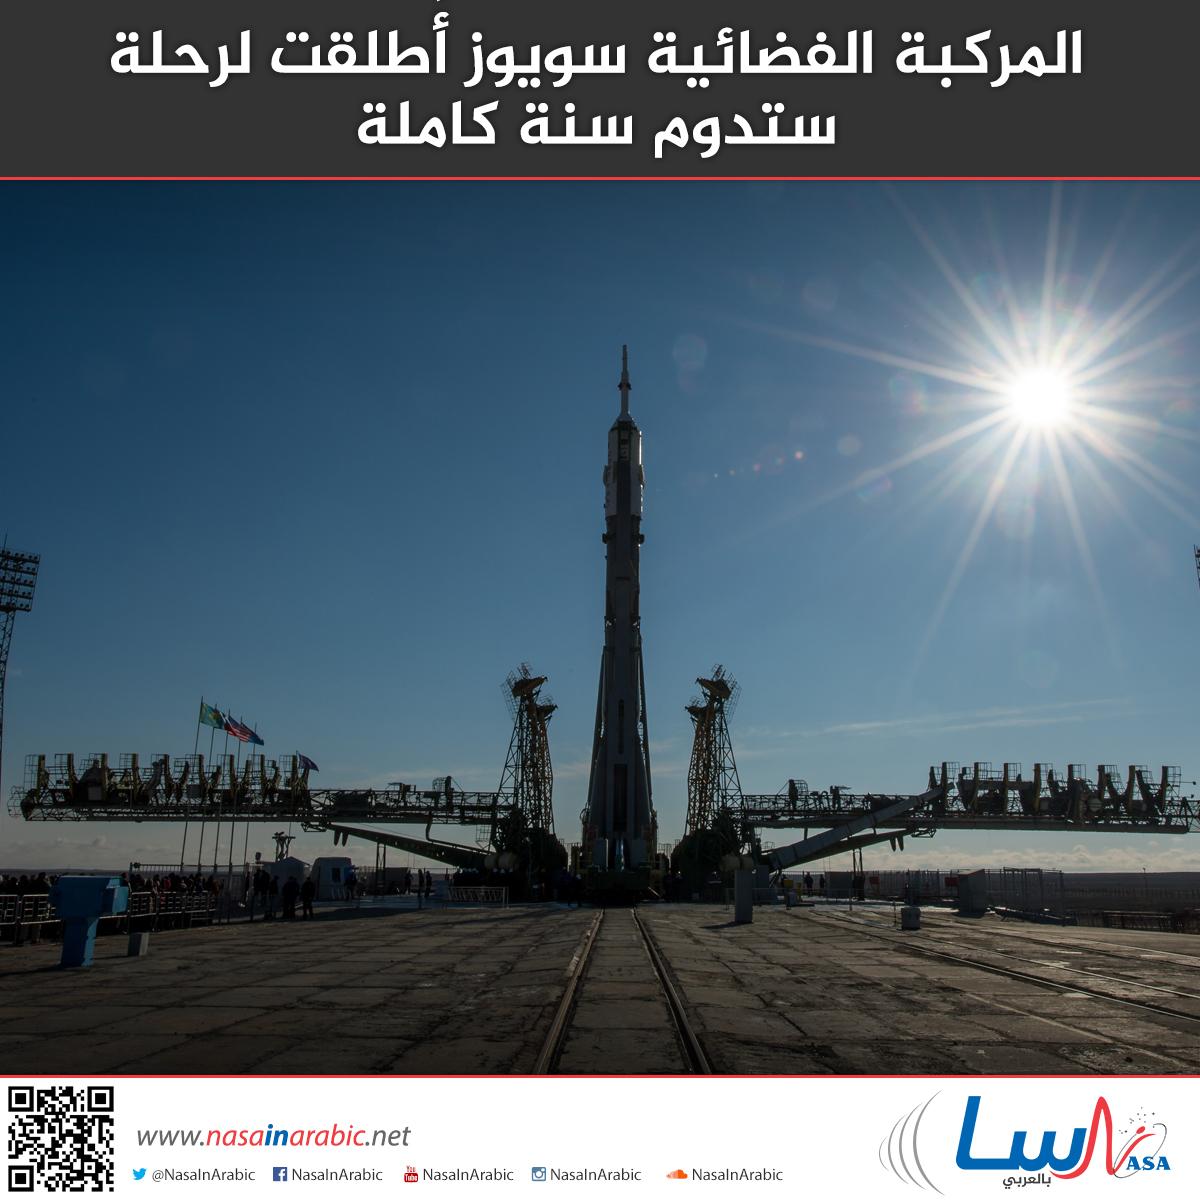 المركبة الفضائية سويوز أُطلقت لرحلة ستدوم سنة كاملة